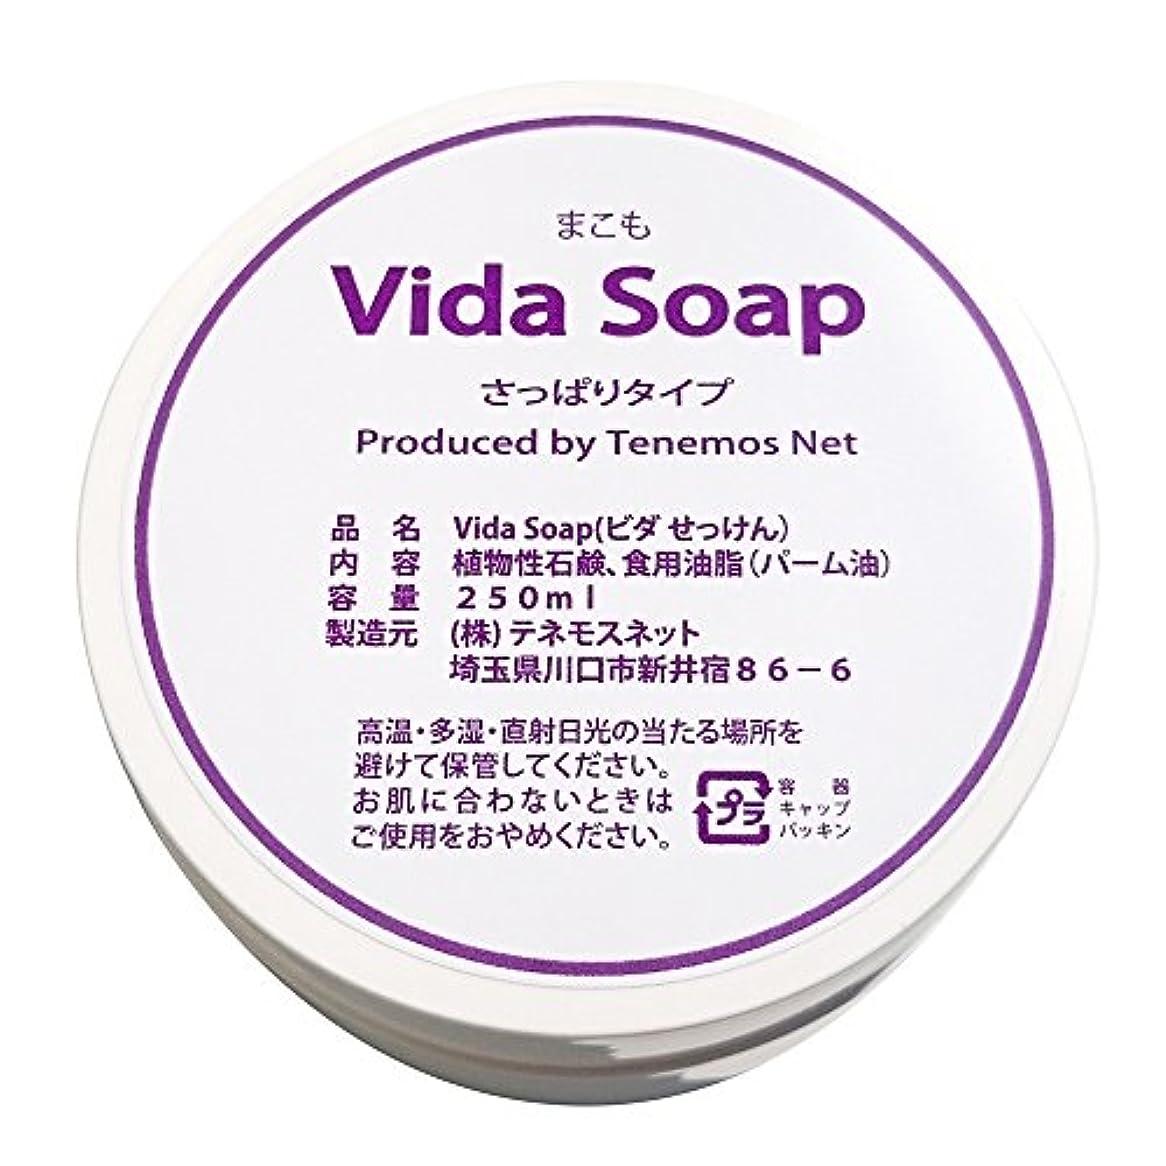 治安判事米ドル離れたテネモス ビダせっけん Vida Soap さっぱりまこも 植物性 250ml